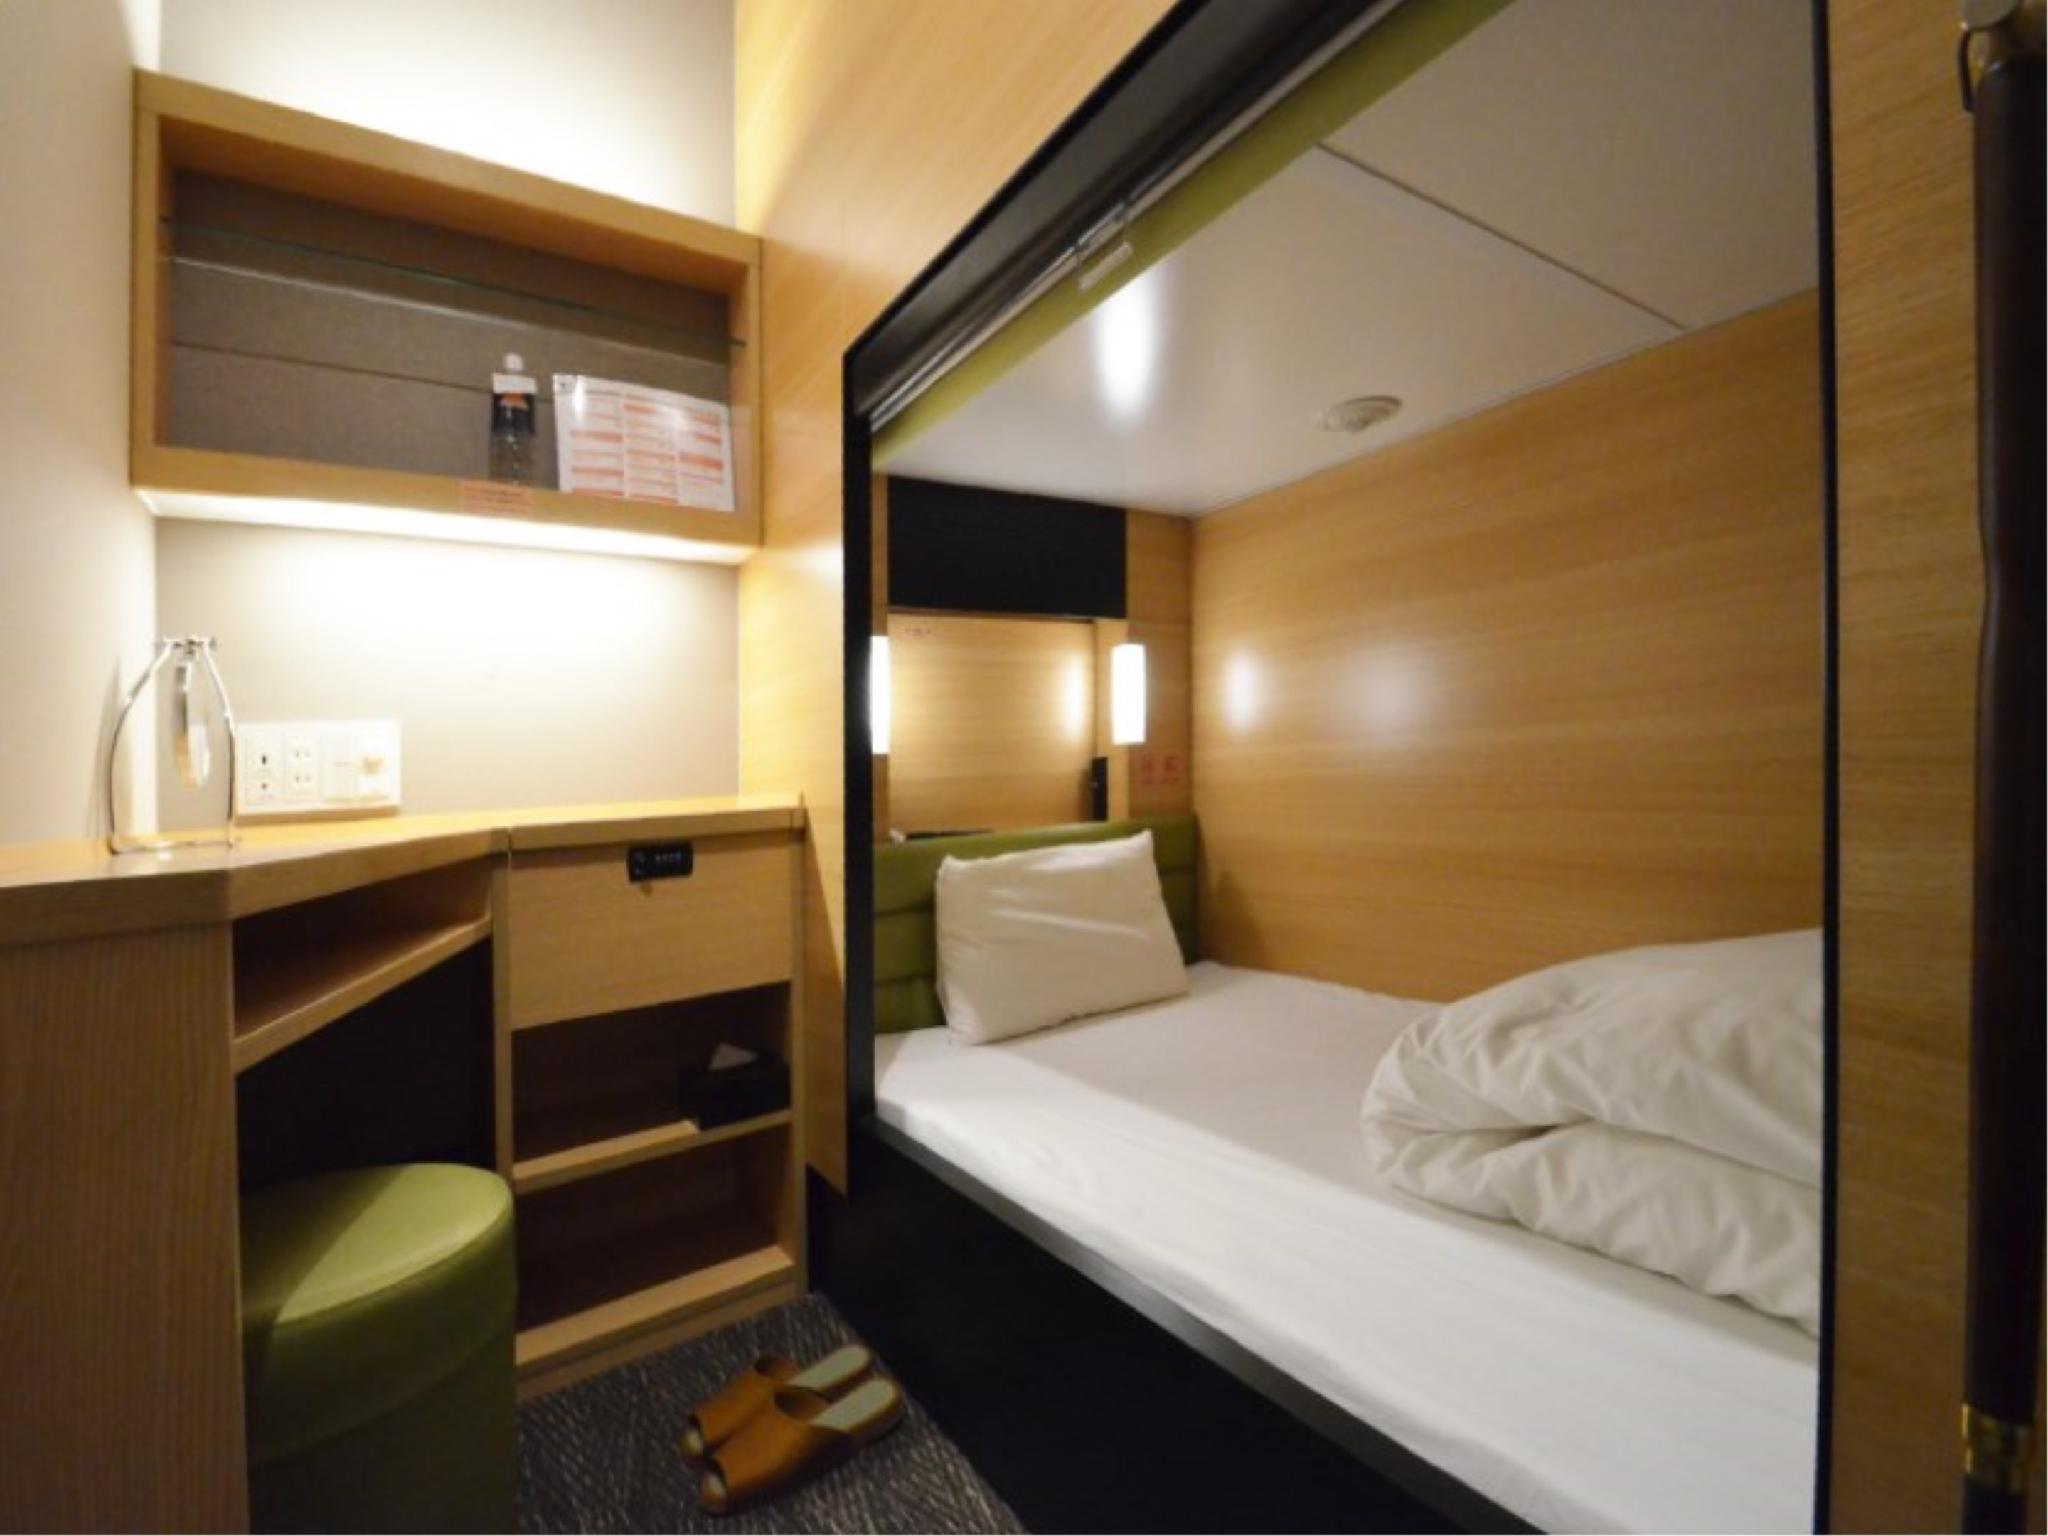 Global Cabin Tokyo Suidobashi (Dormy Inn Chain), Bunkyō